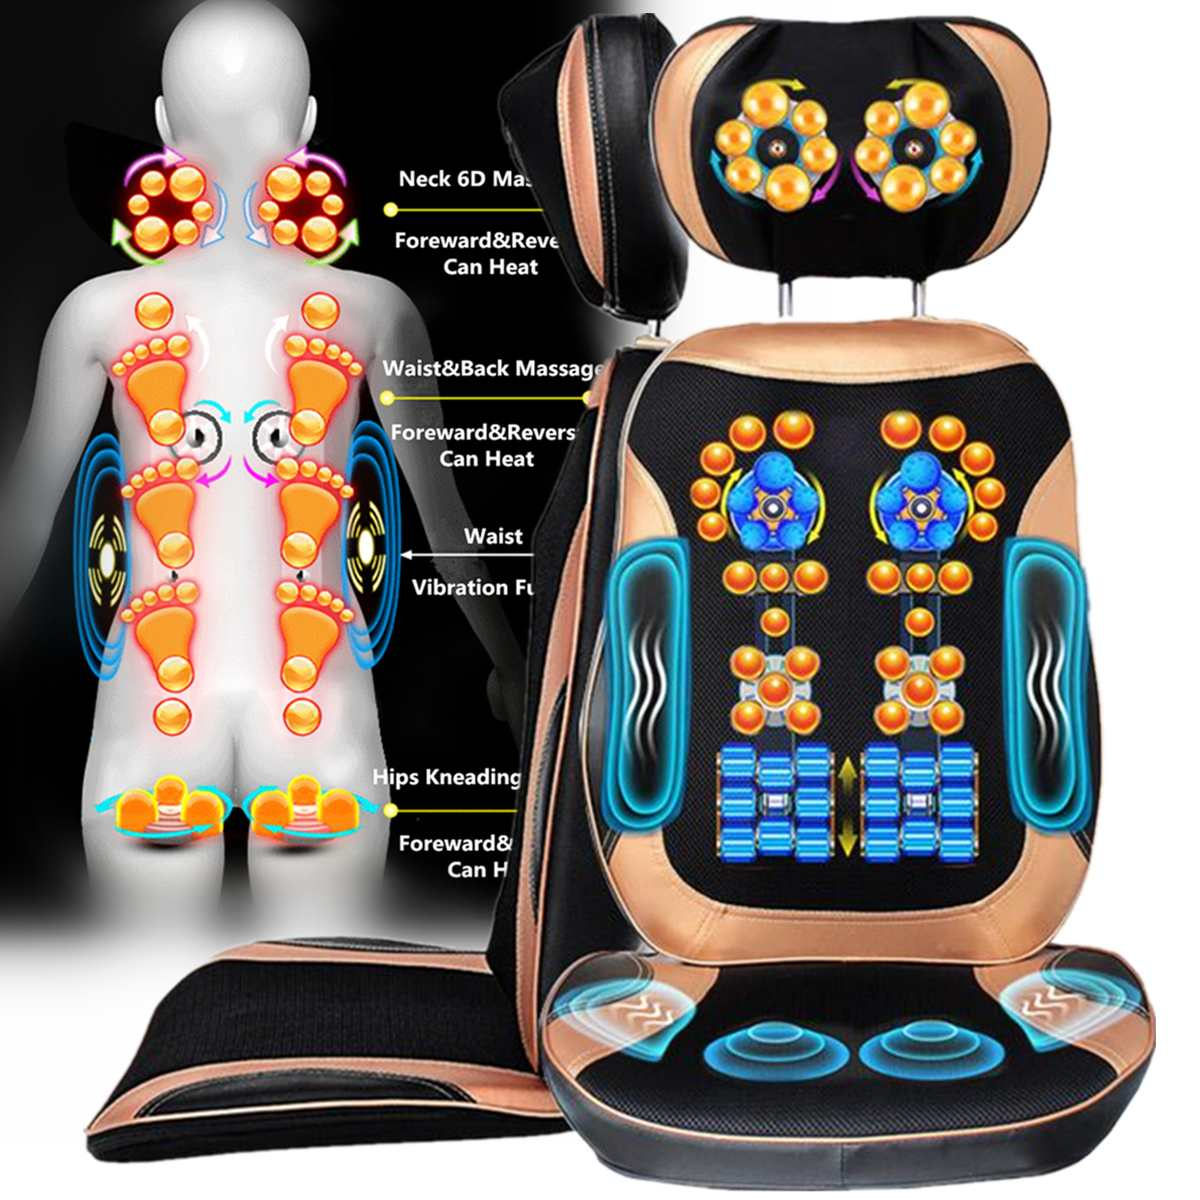 Coussin de Massage électrique anti-stress pour le corps entier coussin de Massage Cervica Shiatsu pour le dos compresse le Massage par pétrissage par Vibration